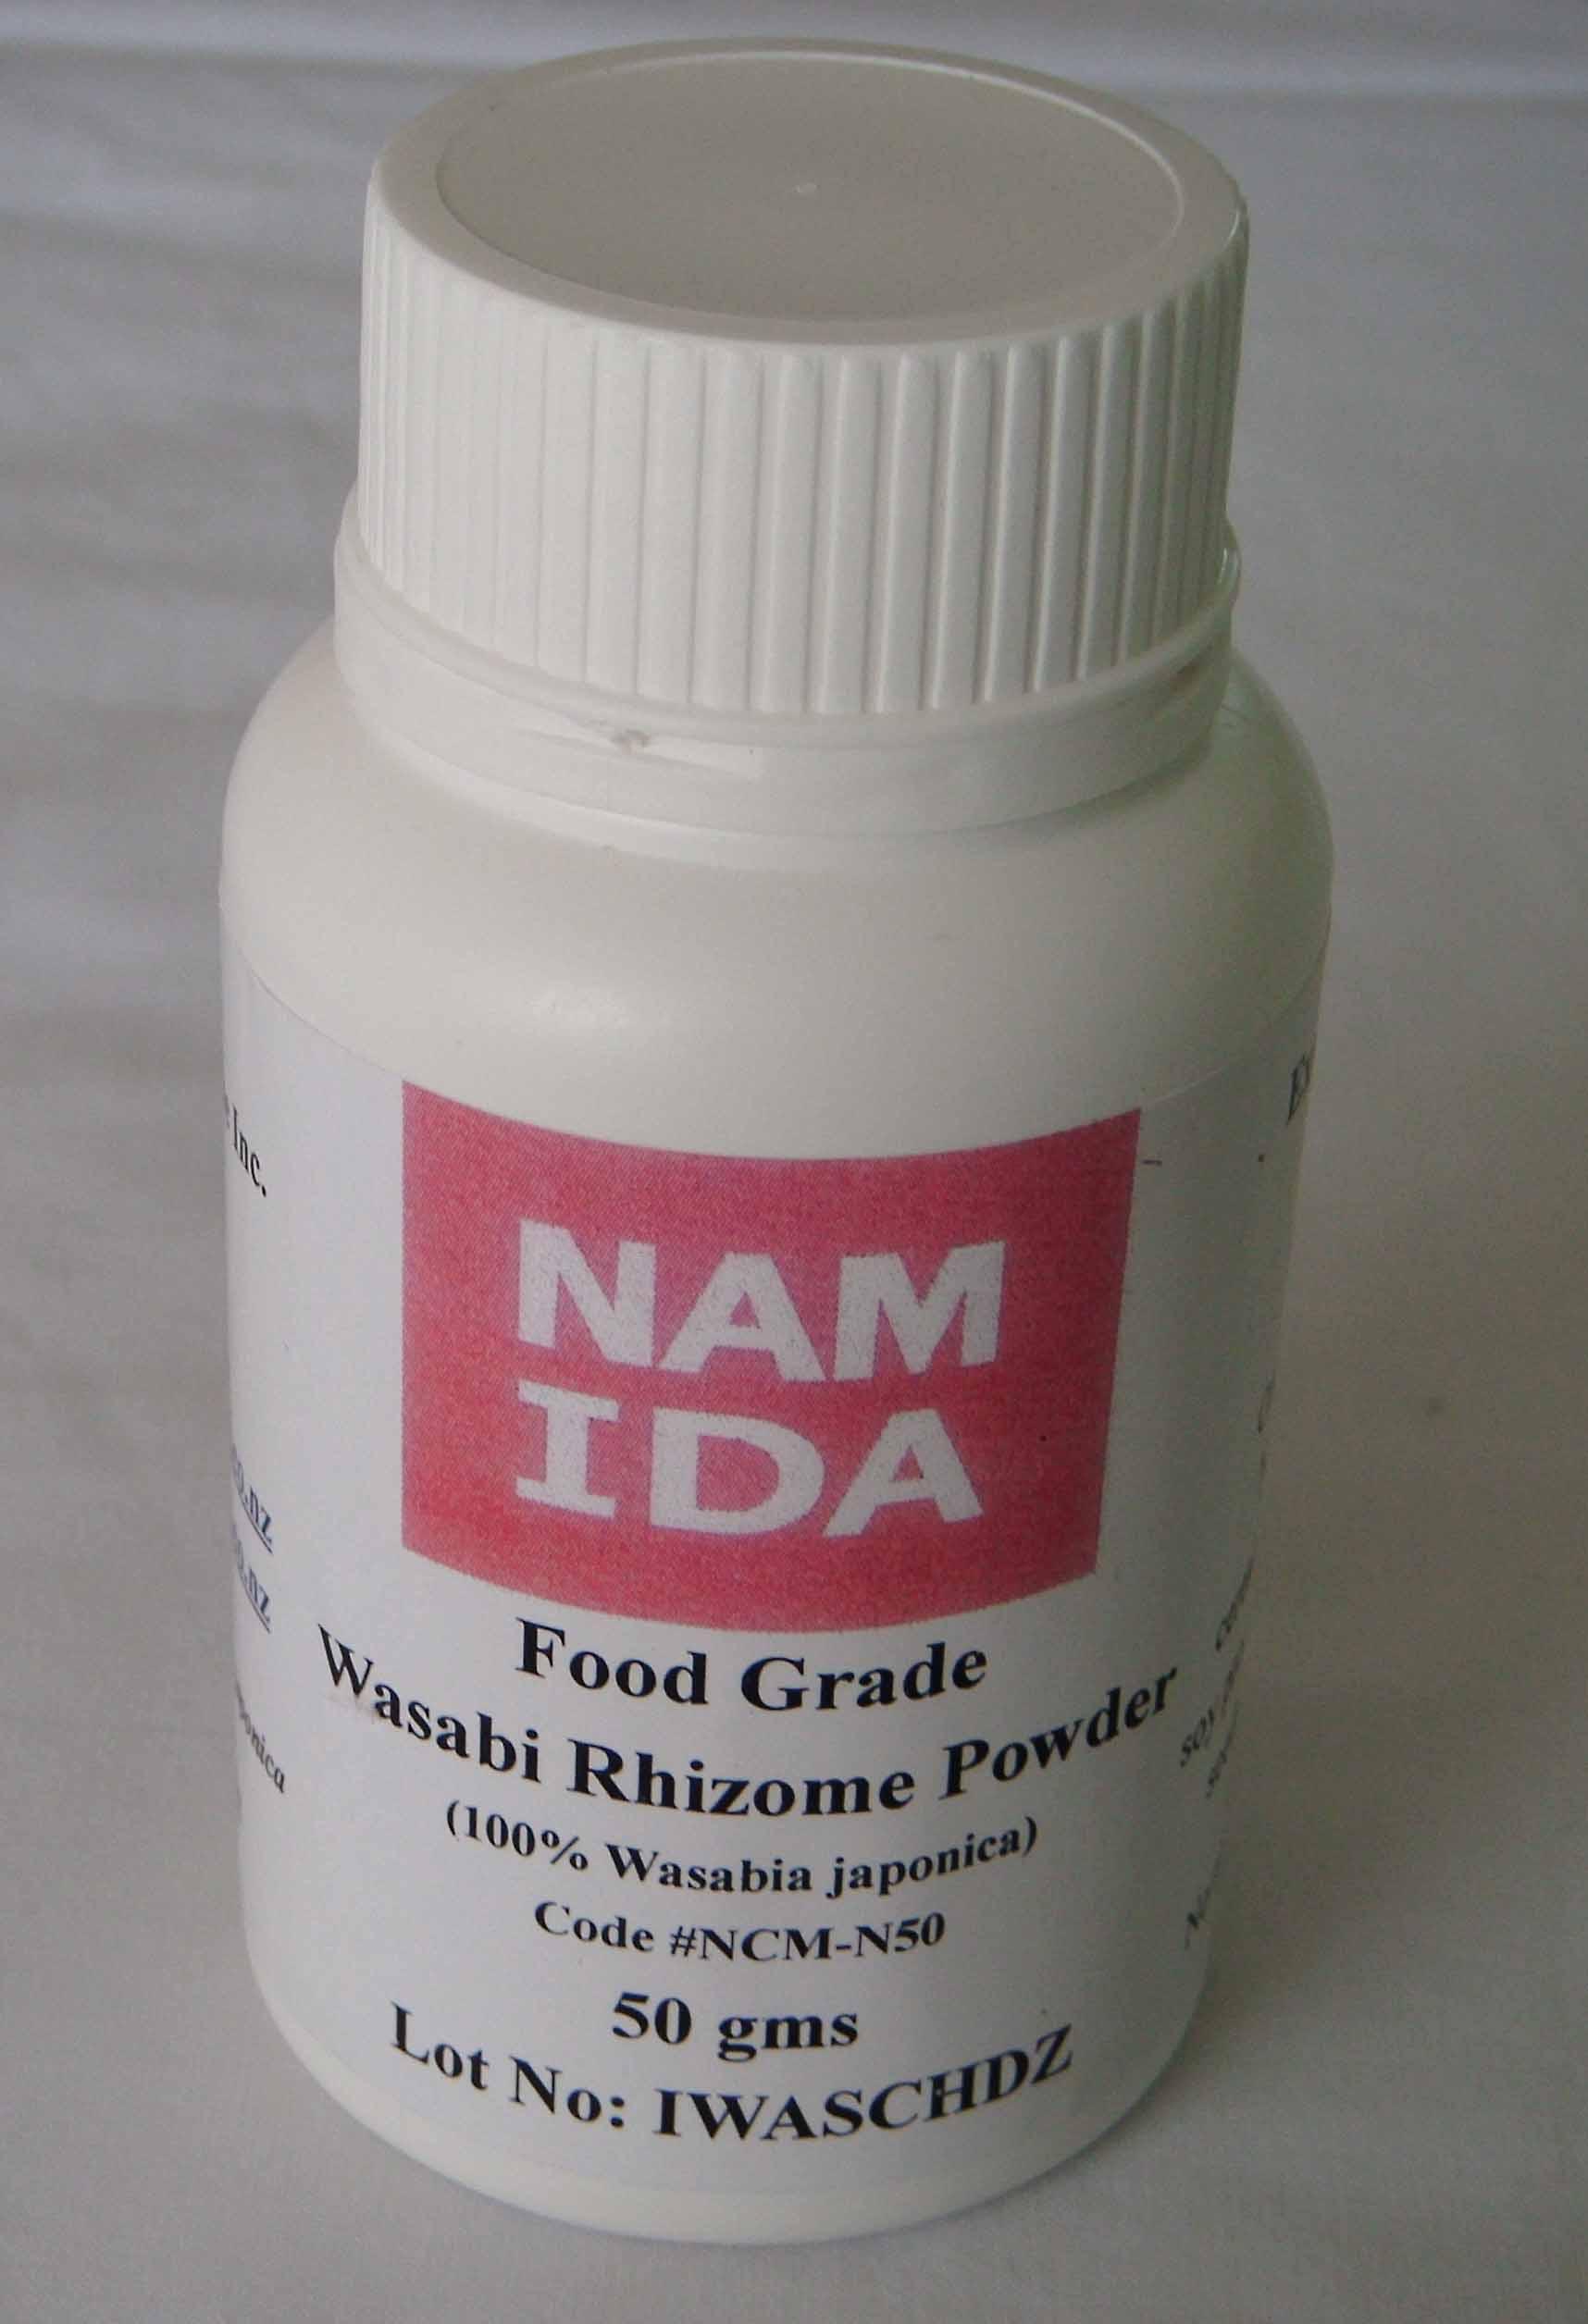 50 gm Namida Wasabia japonica Powder $32.95